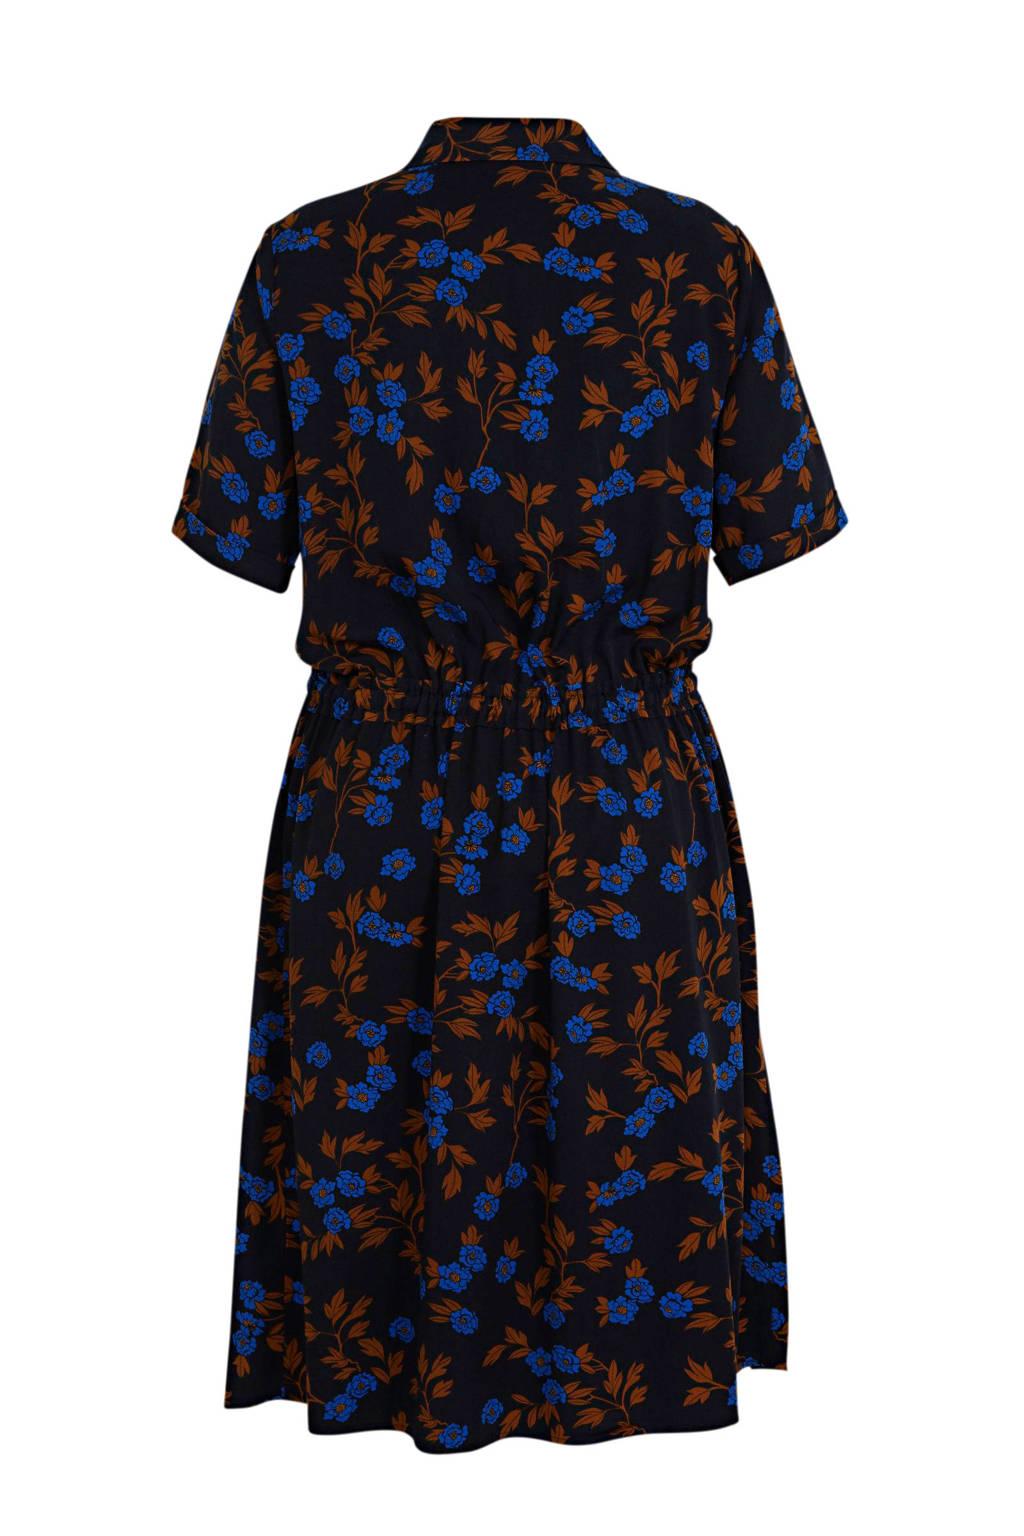 Yesta blousejurk met all over print donkerblauw/blauw/bruin, Donkerblauw/blauw/bruin